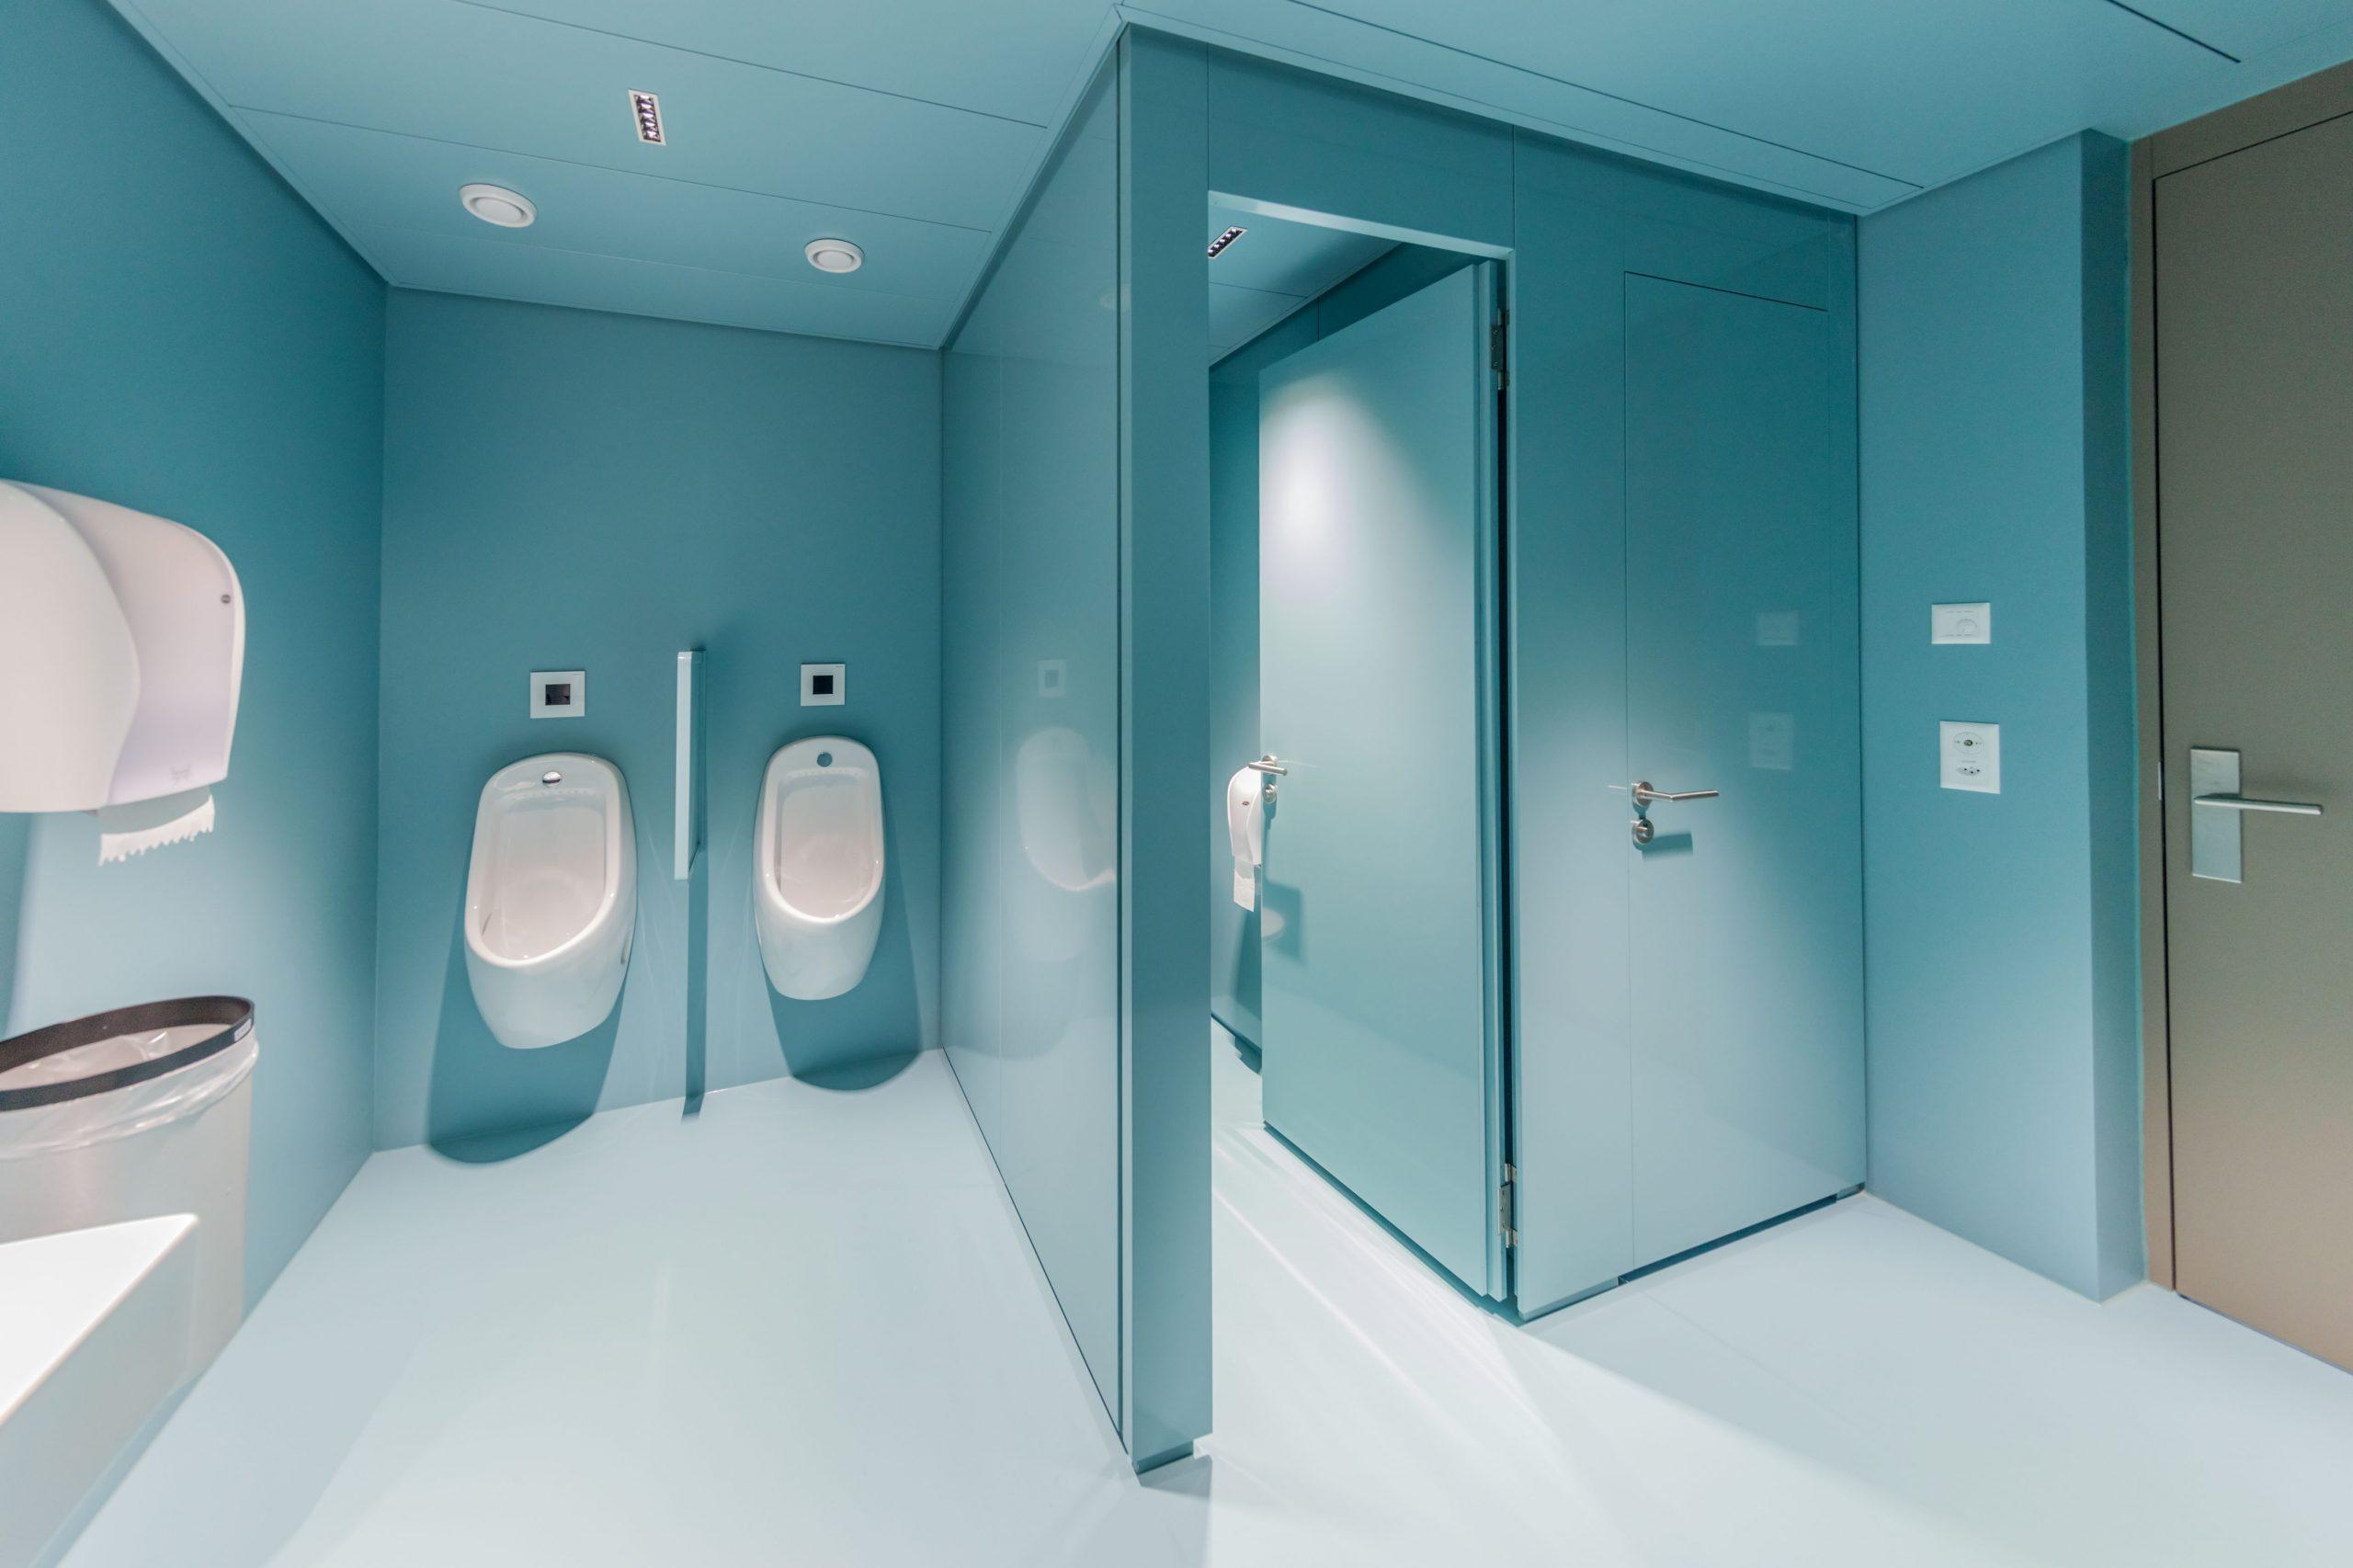 Trennwandsystem einer Toilette aus Stahlblech